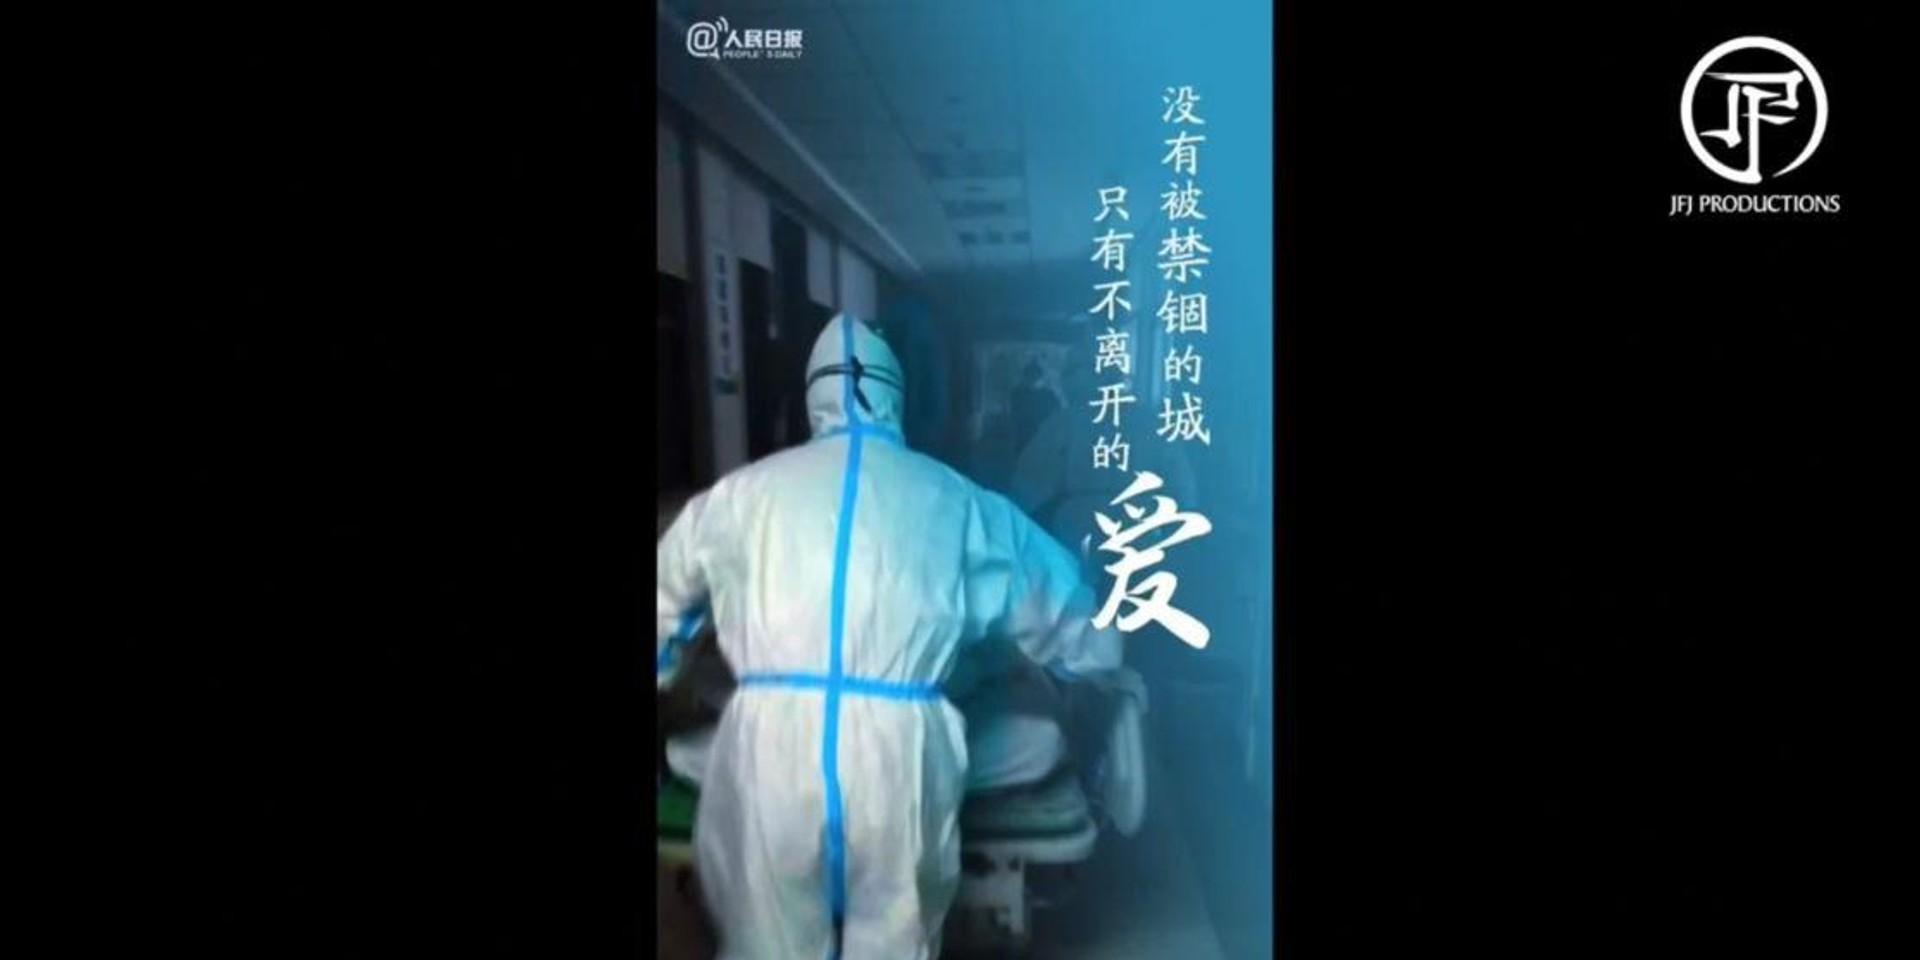 林俊杰、孙燕姿写新歌《Stay With You》为武汉病毒前线人员送温暖